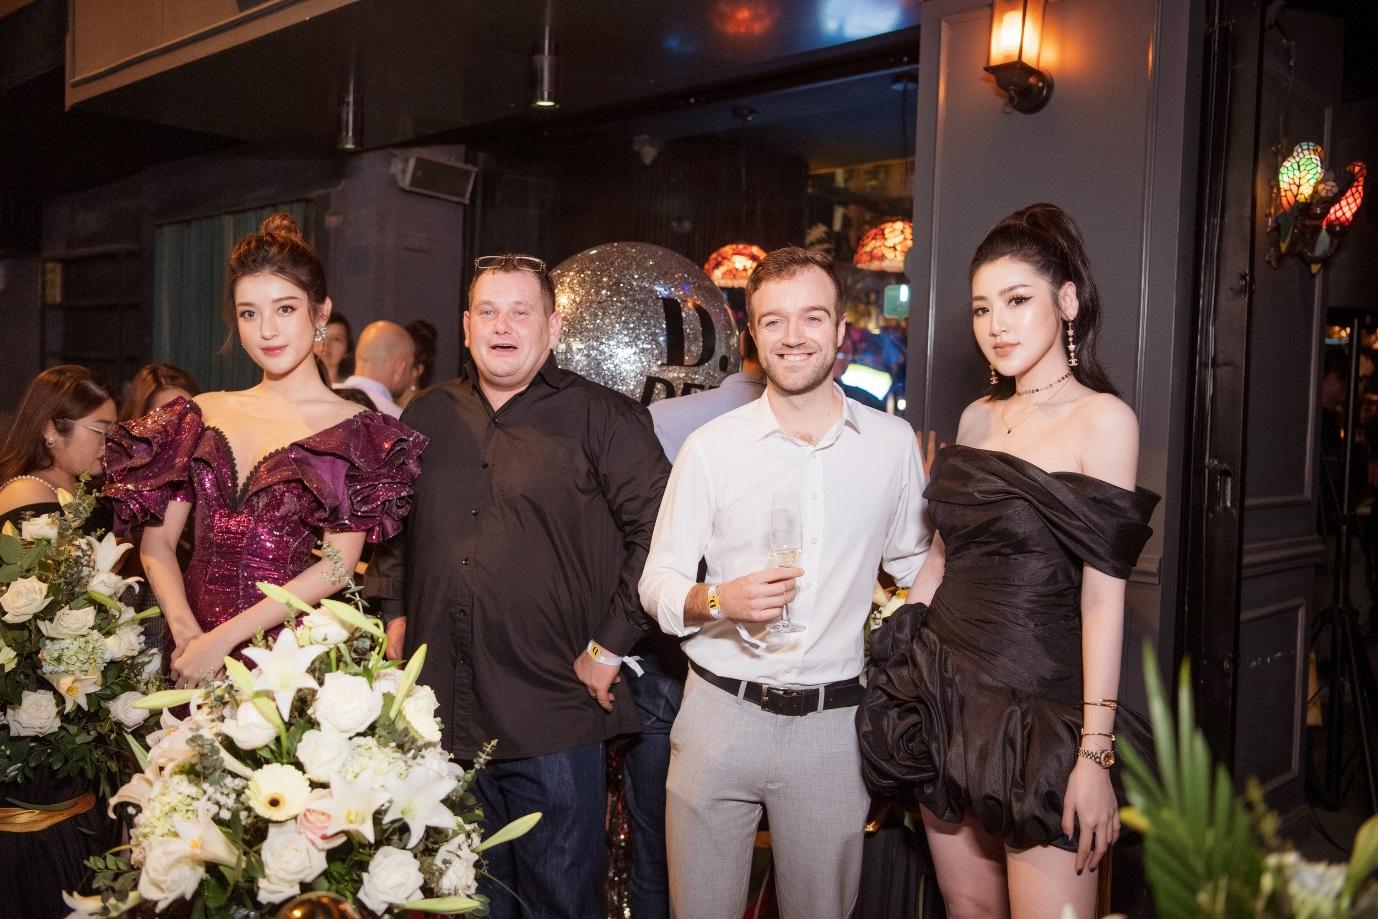 Huyền My (ngoài tùng bên trái) và Tú Anh (ngoài cùng bên phải) chụp ảnh cùng CEO Adam Christopher Chaplin (áo đen) và khách mời tại buổi tiệc.